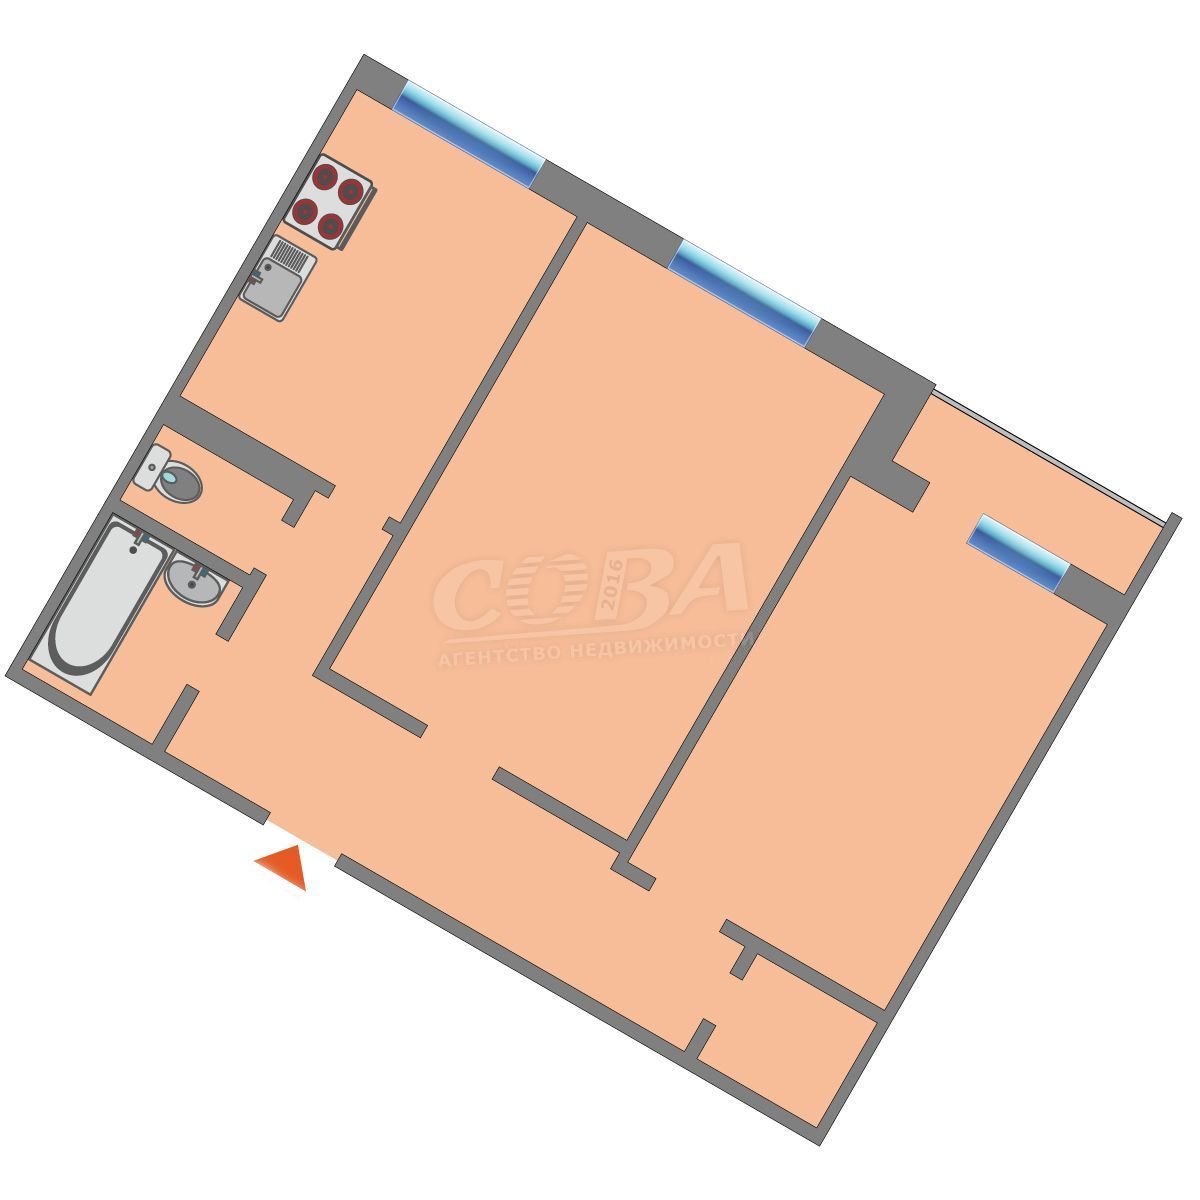 2 комнатная квартира  в районе Лесобаза (Тура), ул. Домостроителей, 6А, г. Тюмень